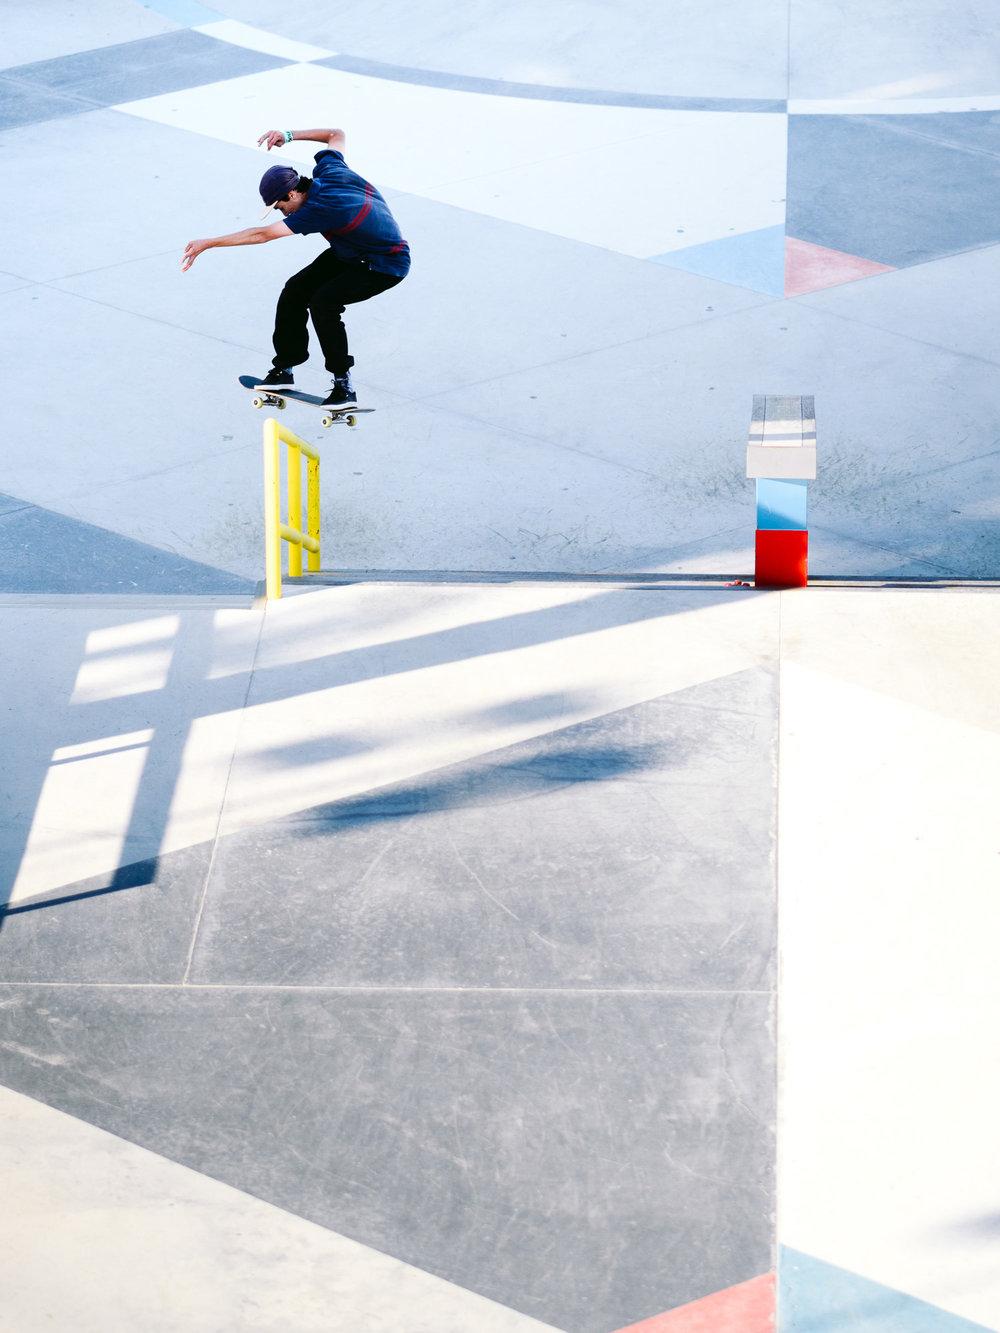 Tim Debauche Flip FS Boardslide